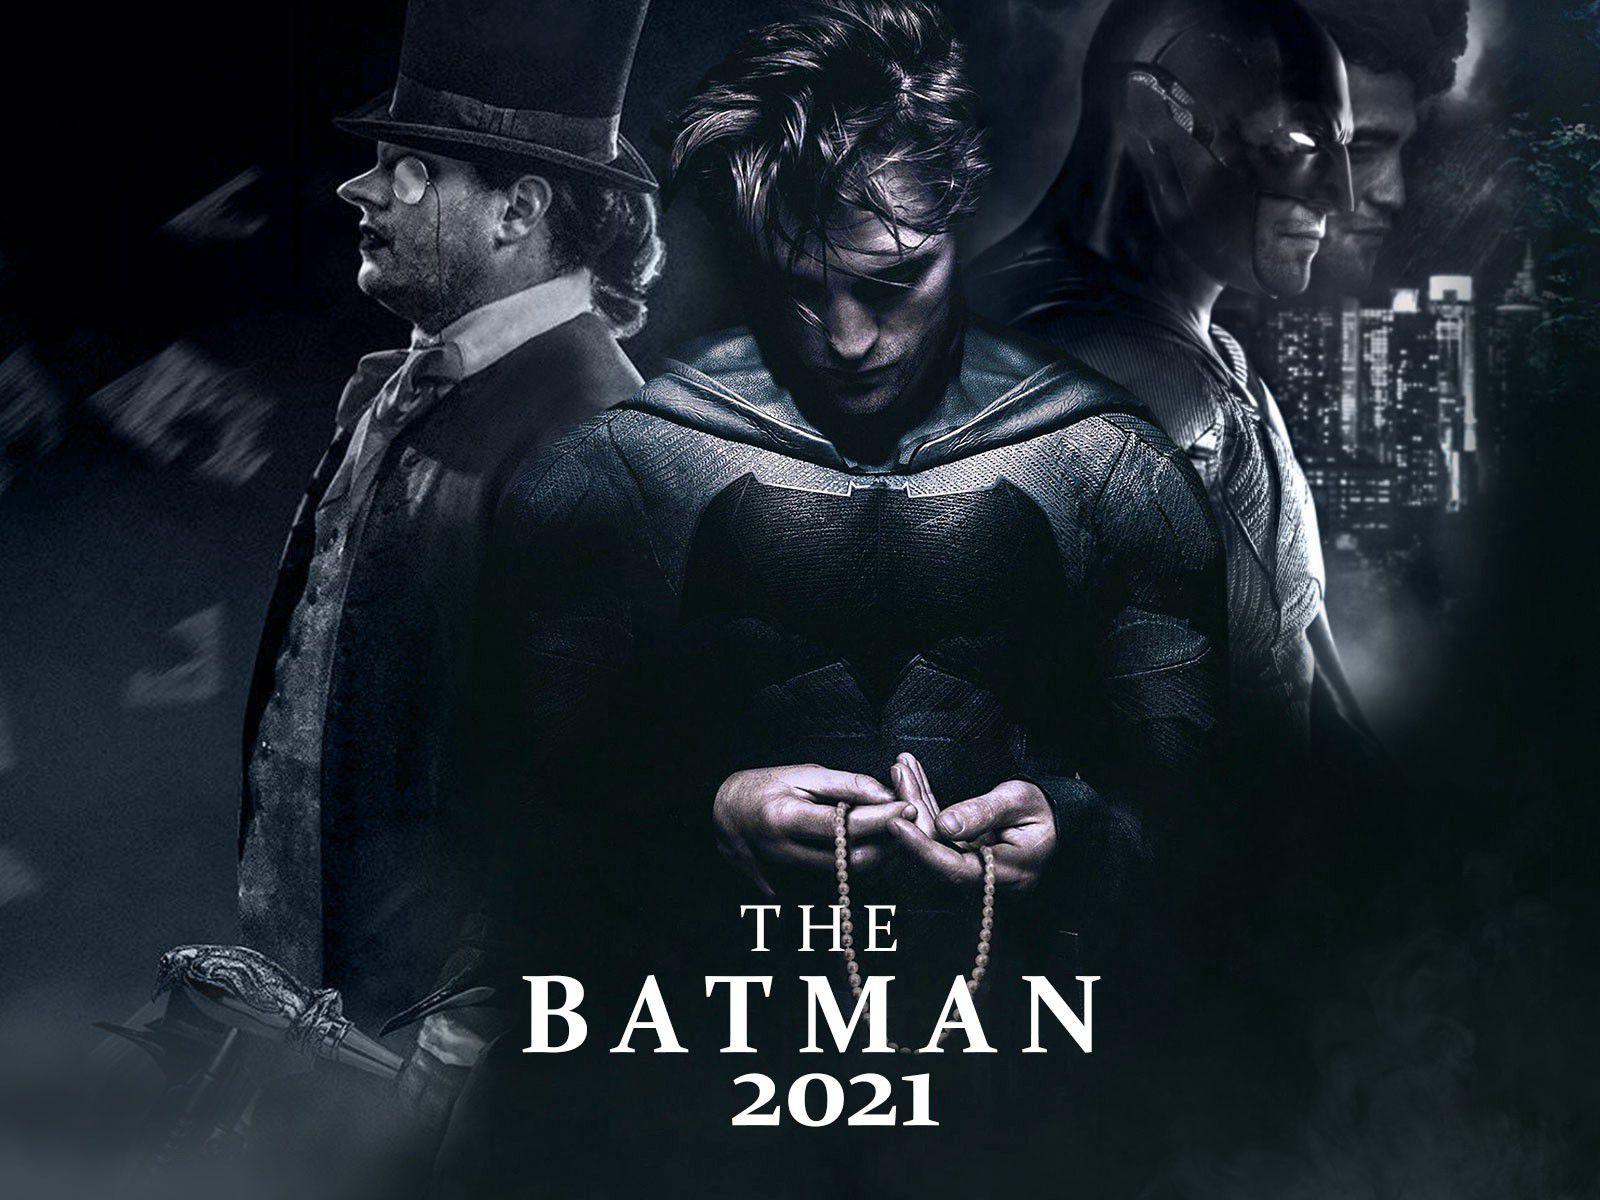 The Batman 2021'in fragmanı yayınlandı